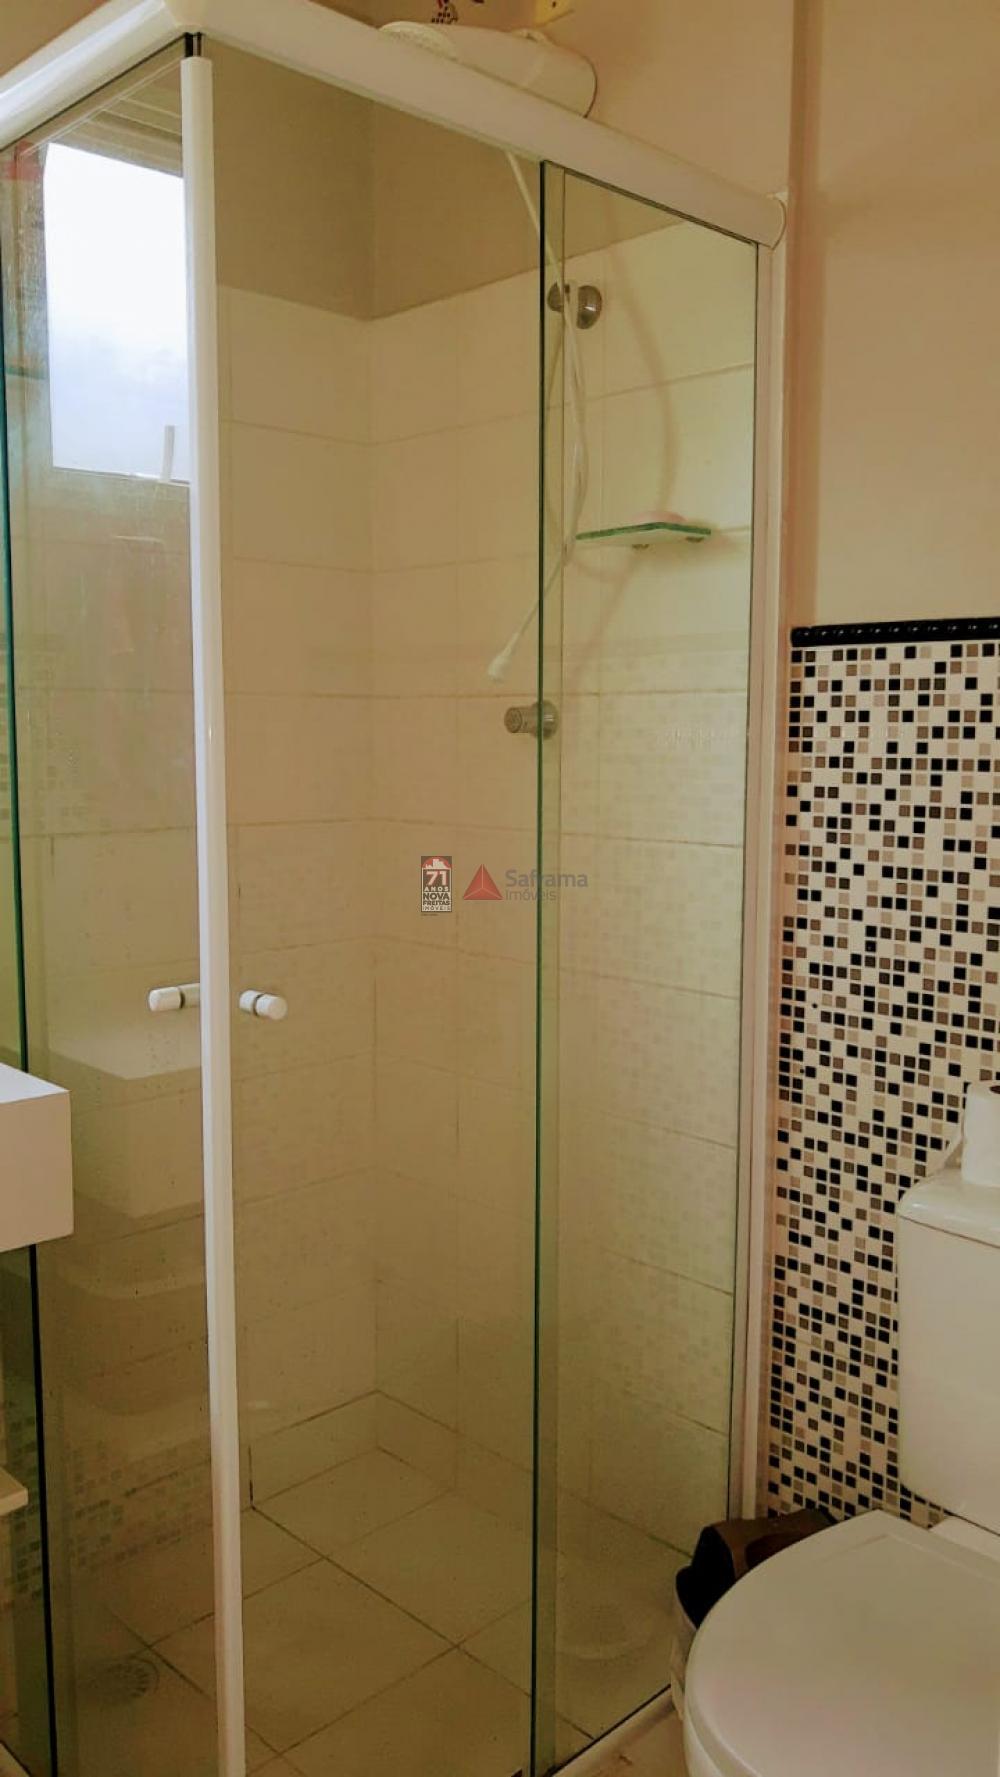 Comprar Apartamento / Padrão em Caraguatatuba apenas R$ 310.000,00 - Foto 12